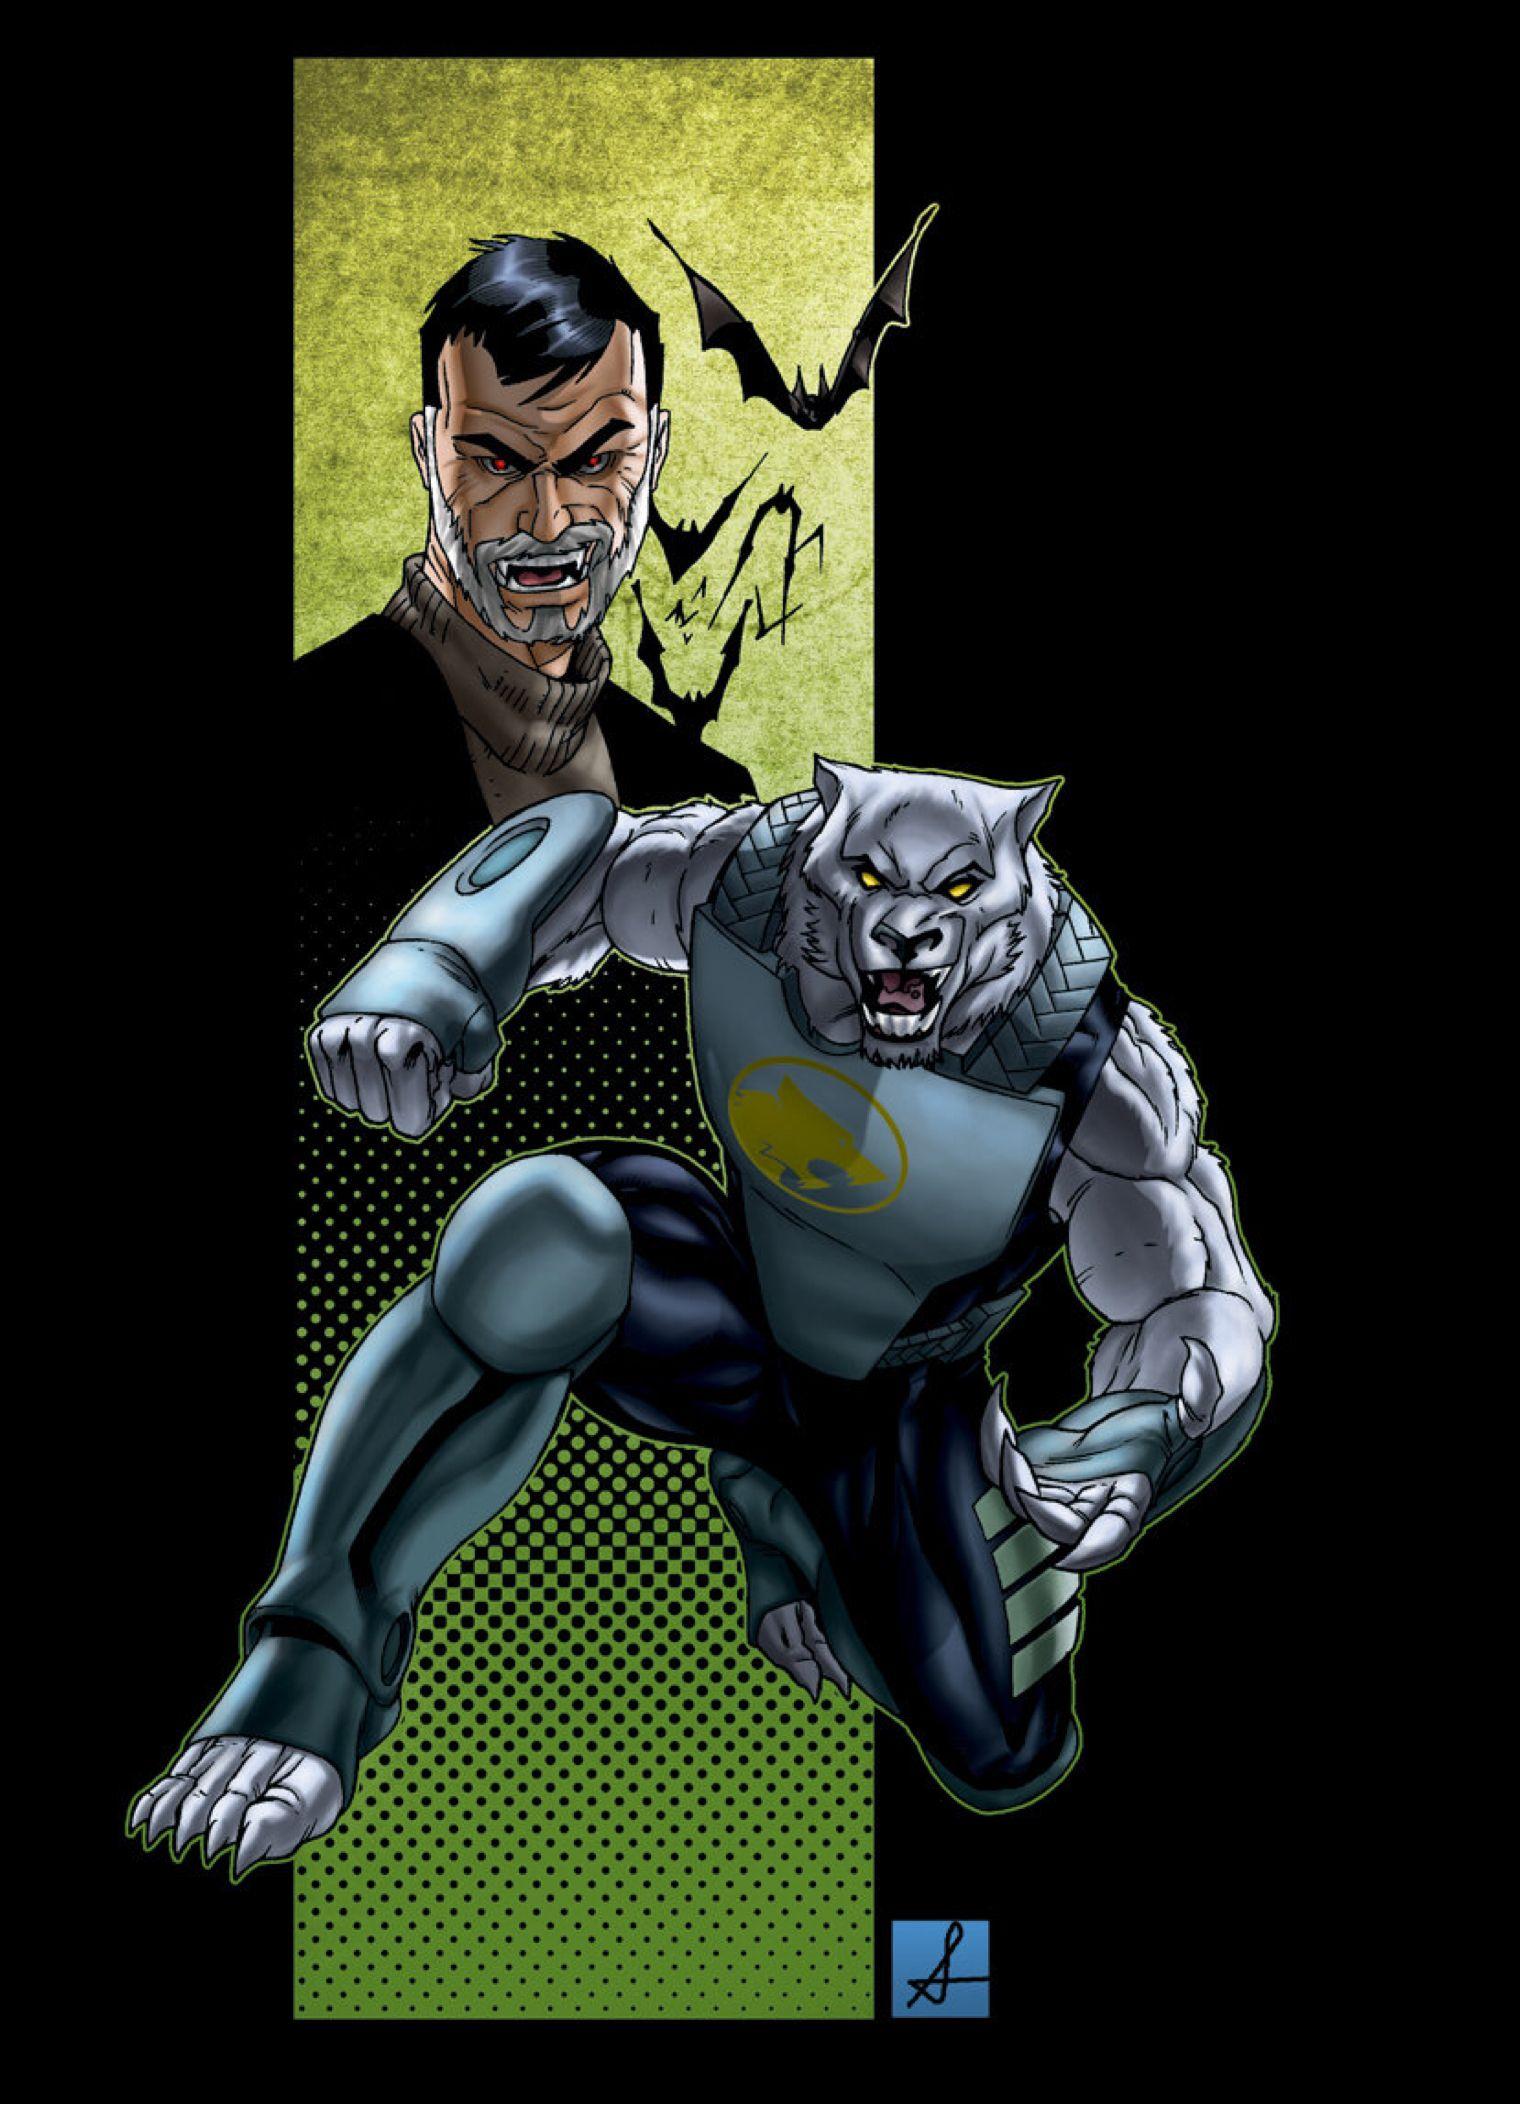 Werewolf Superhero Equals Sean-izaakse Deviantart Halloween In 2019